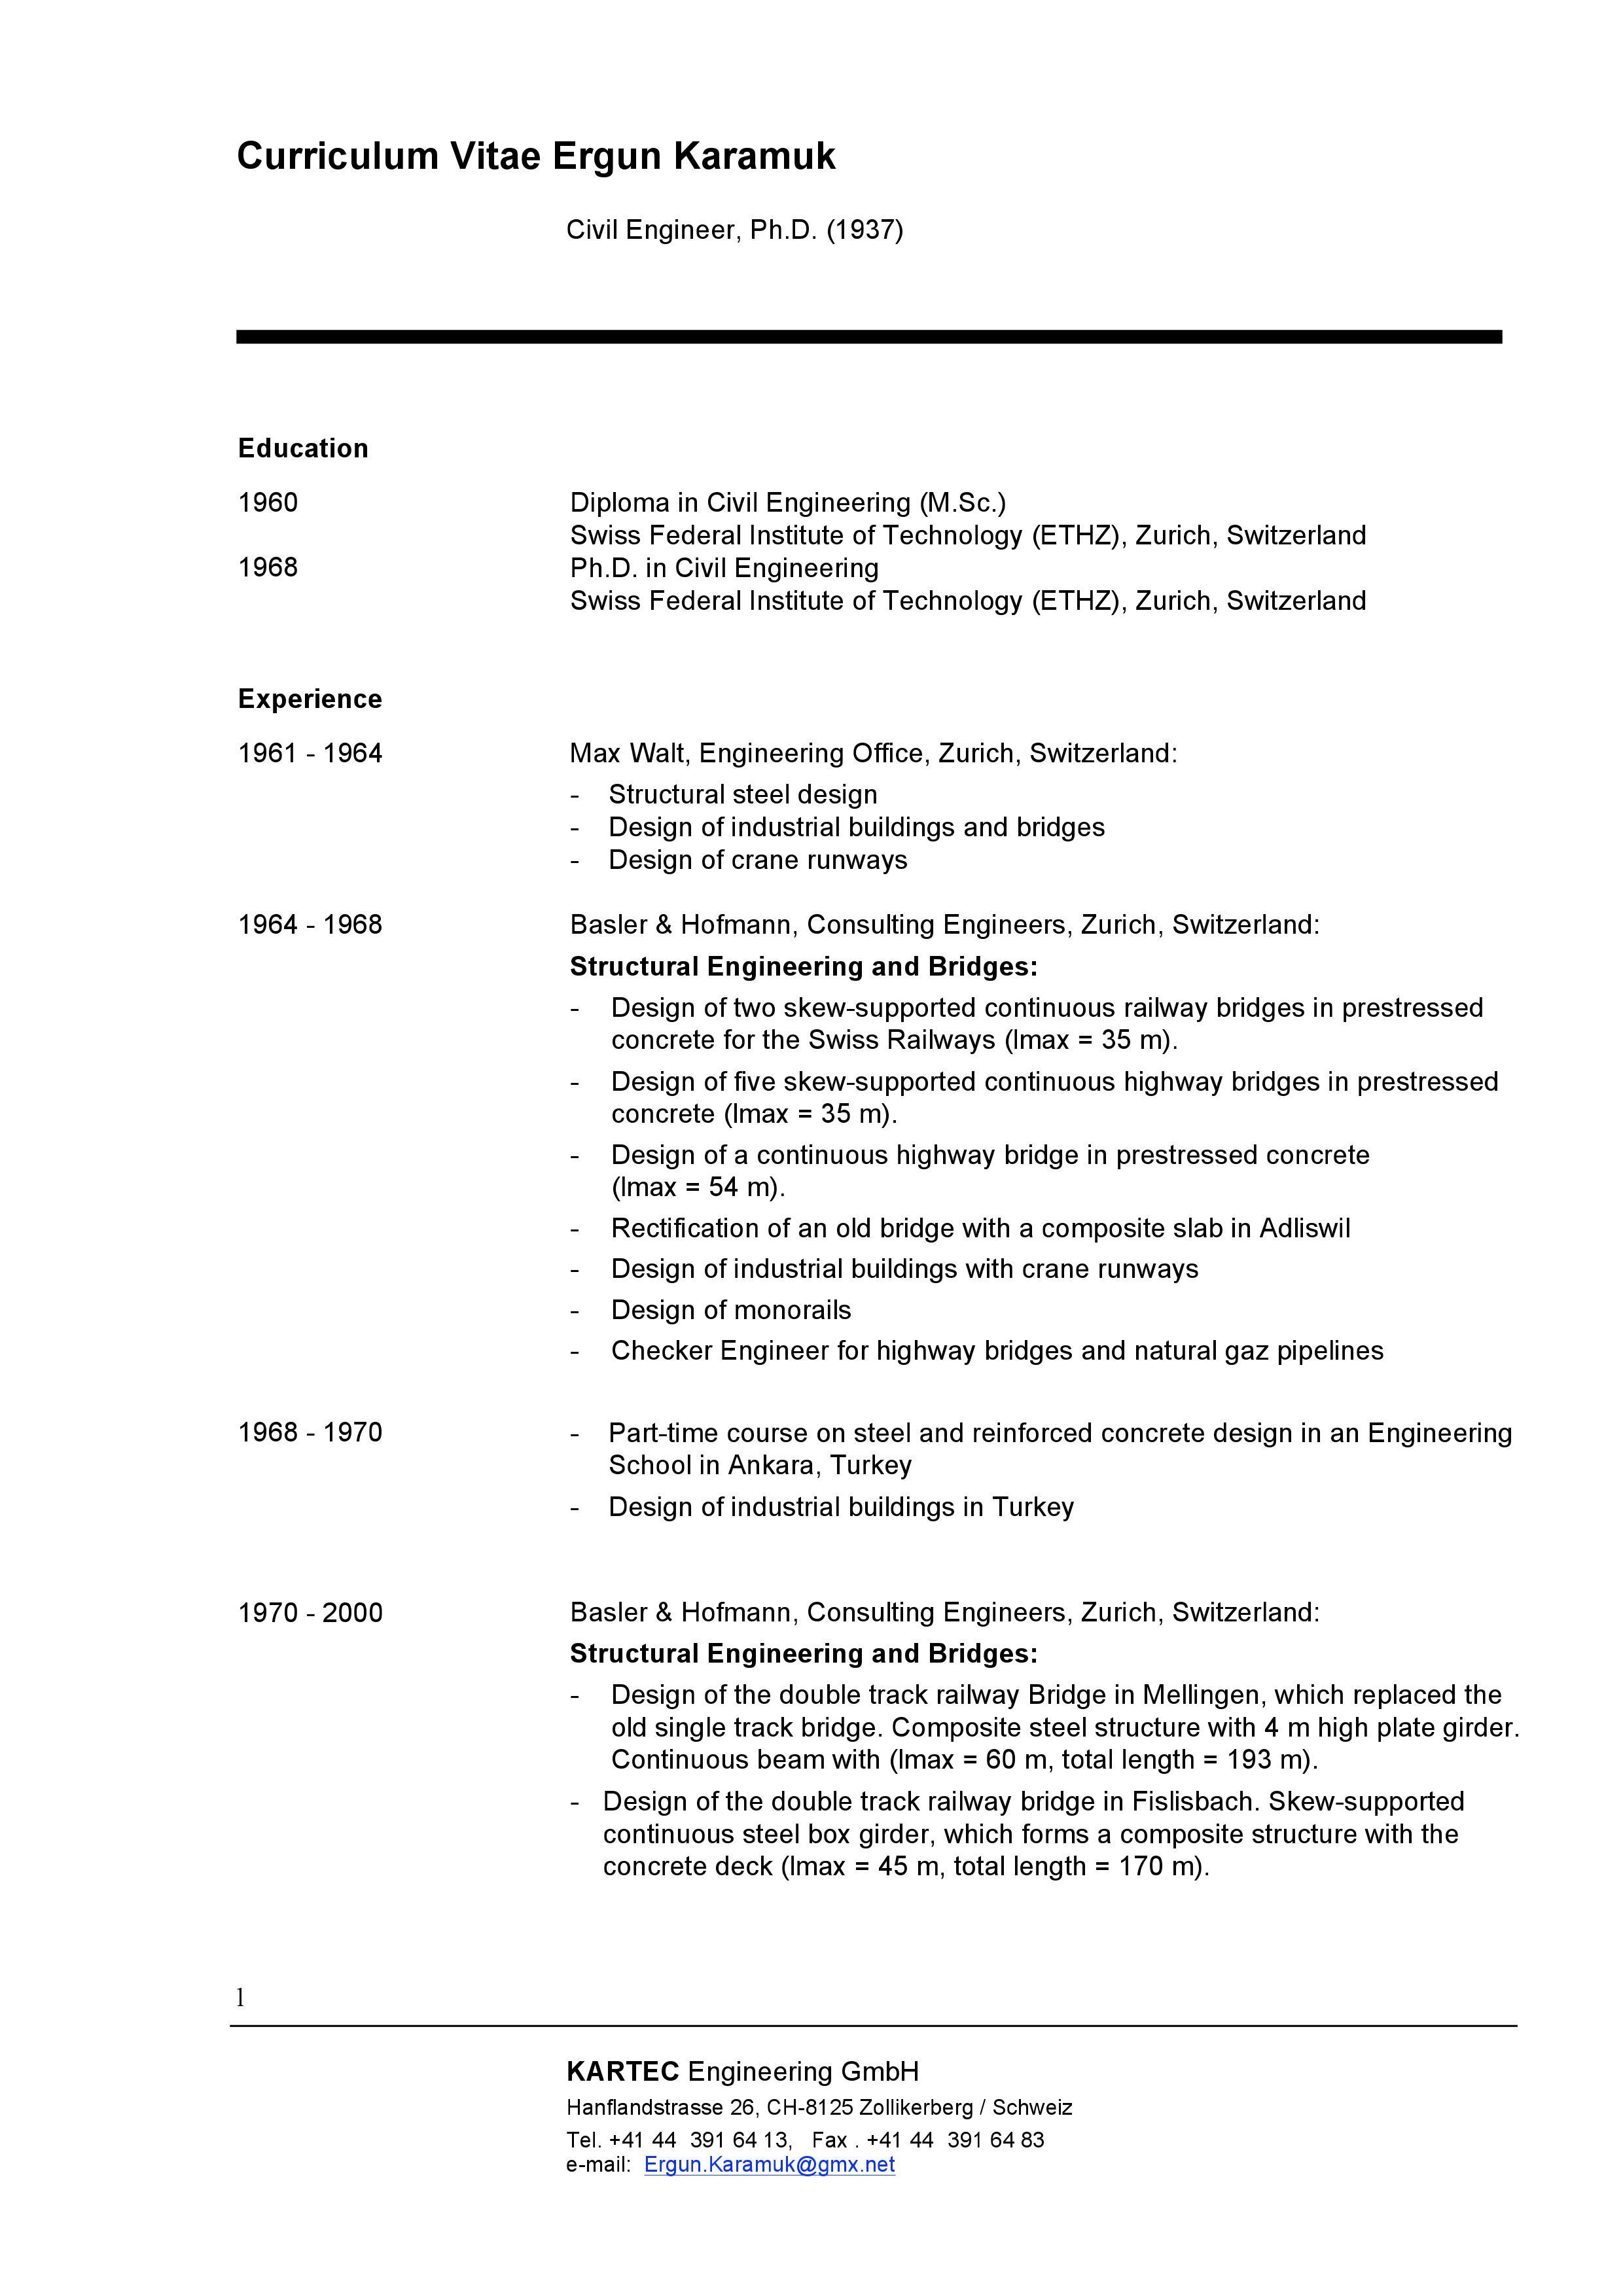 cv-page1